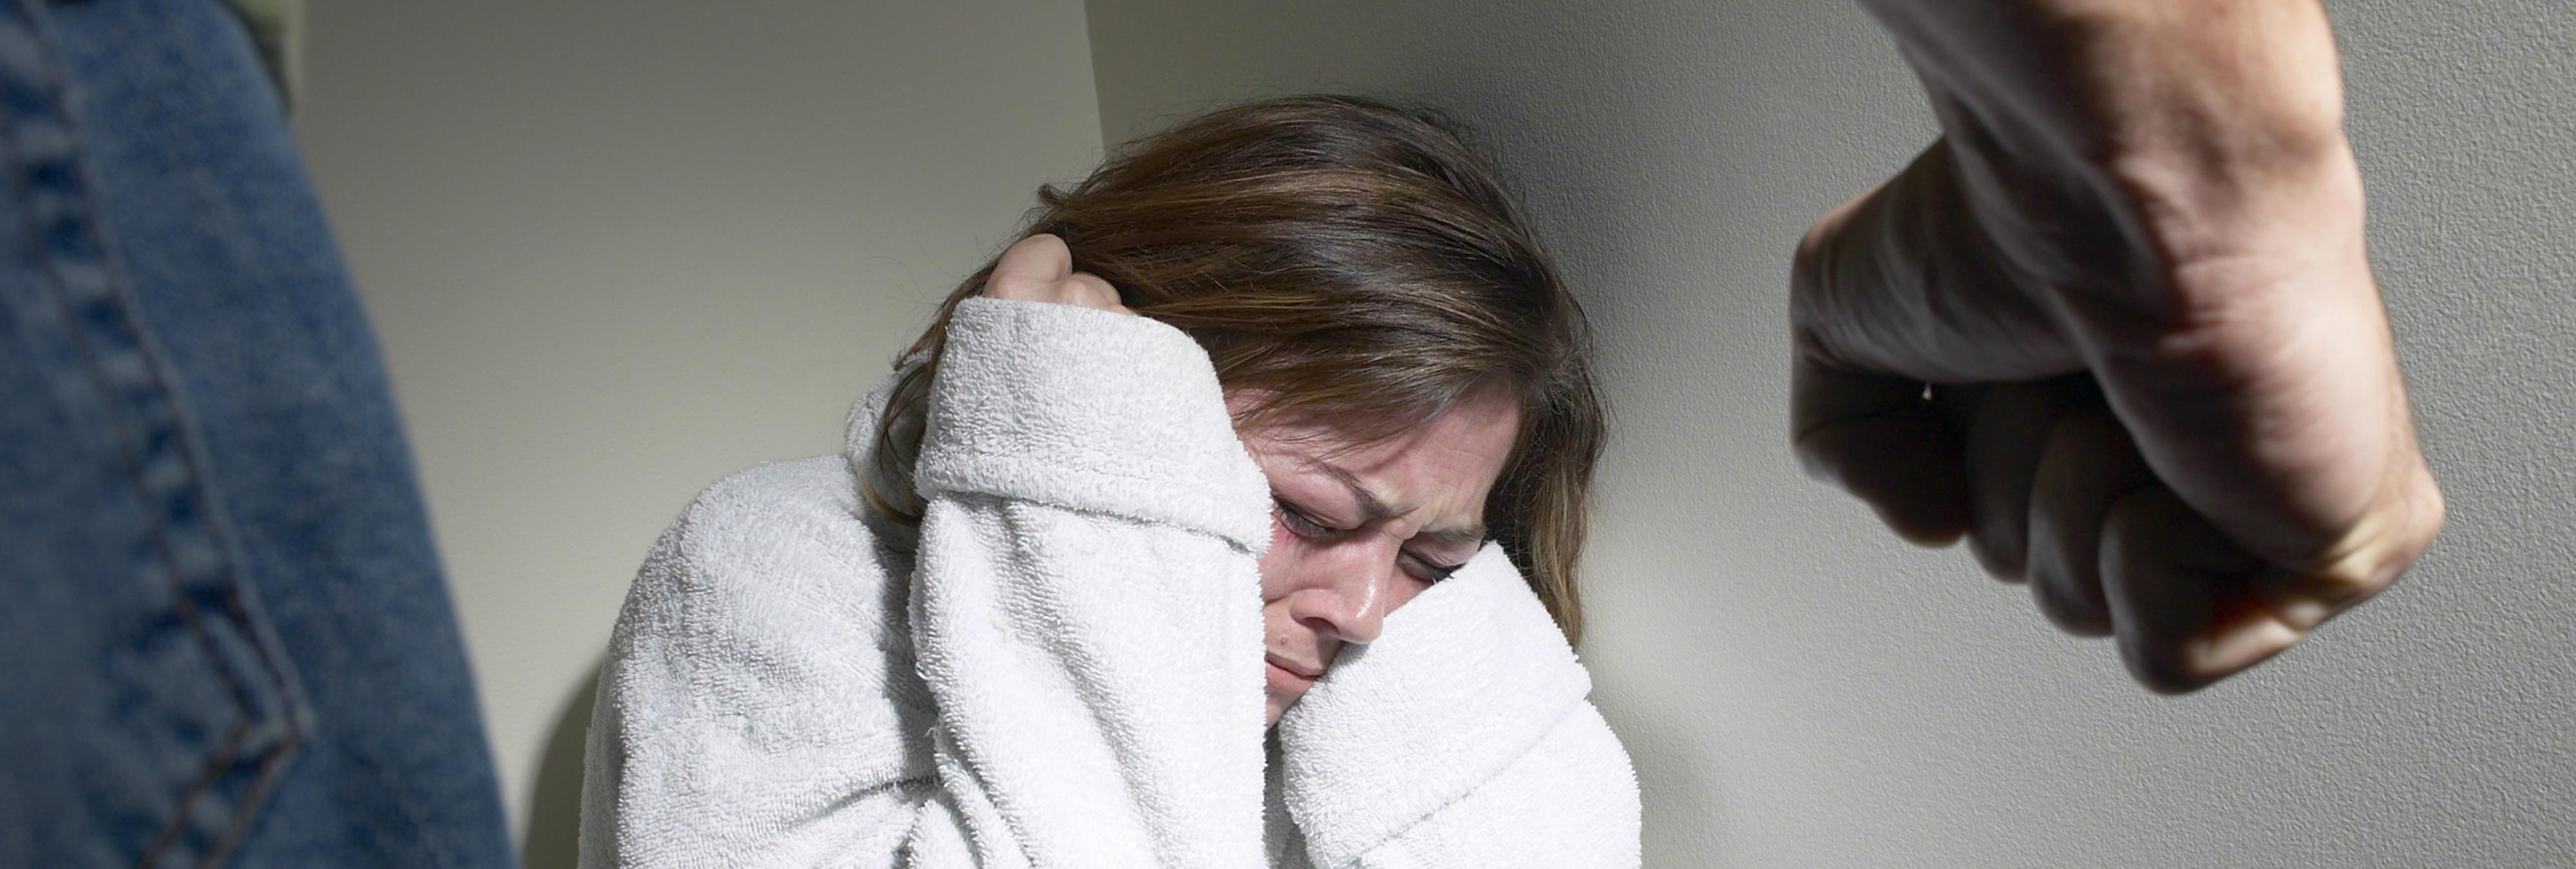 Un Juez del Tribunal Supremo cree que la violencia de género no es causada por el machismo